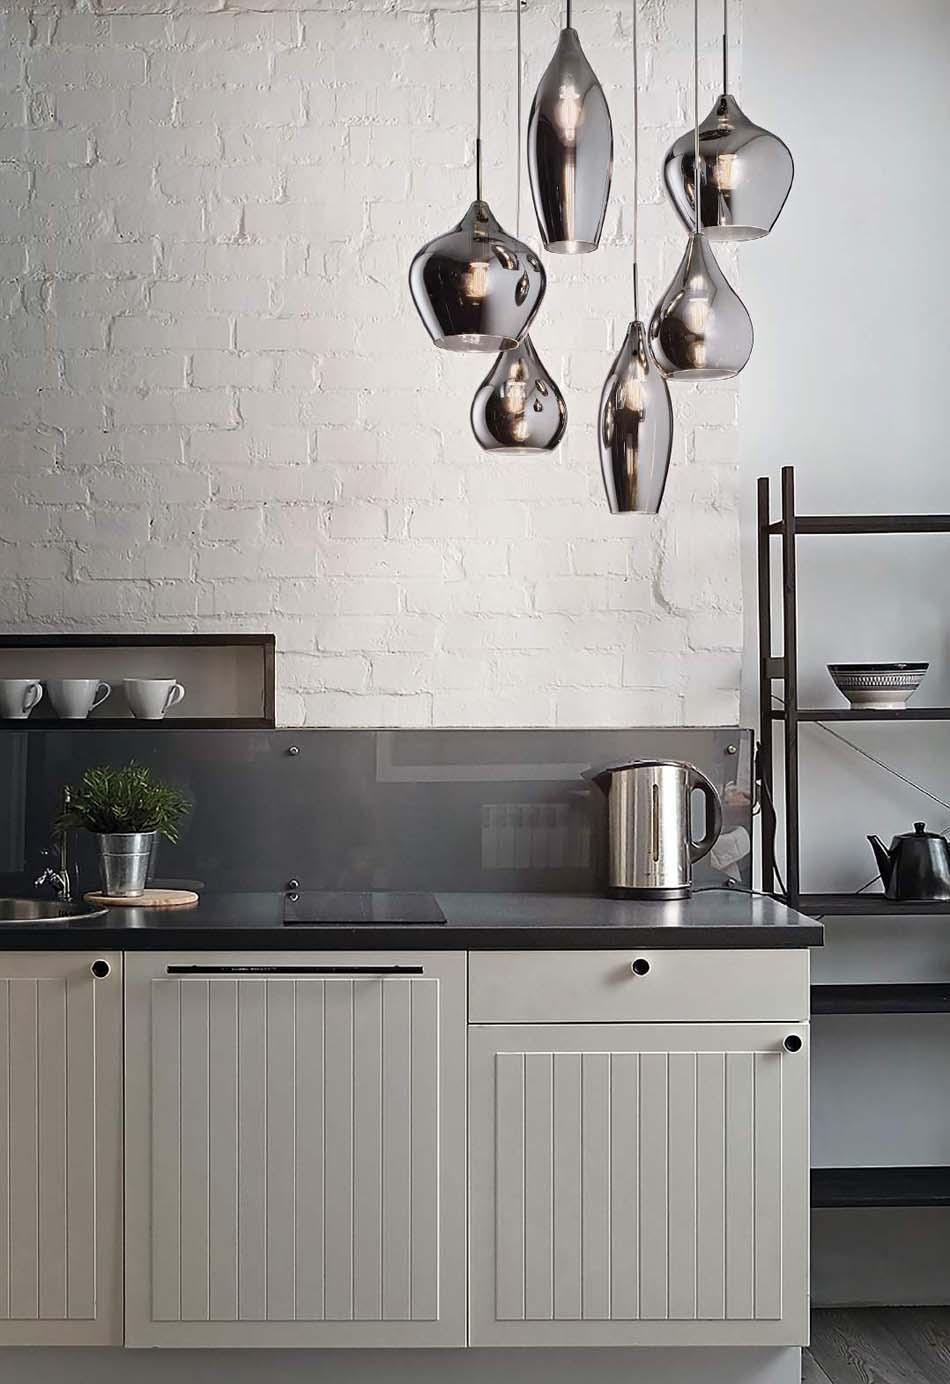 Lampade sospese Ideal Lux Soft – Toscana Arredamenti